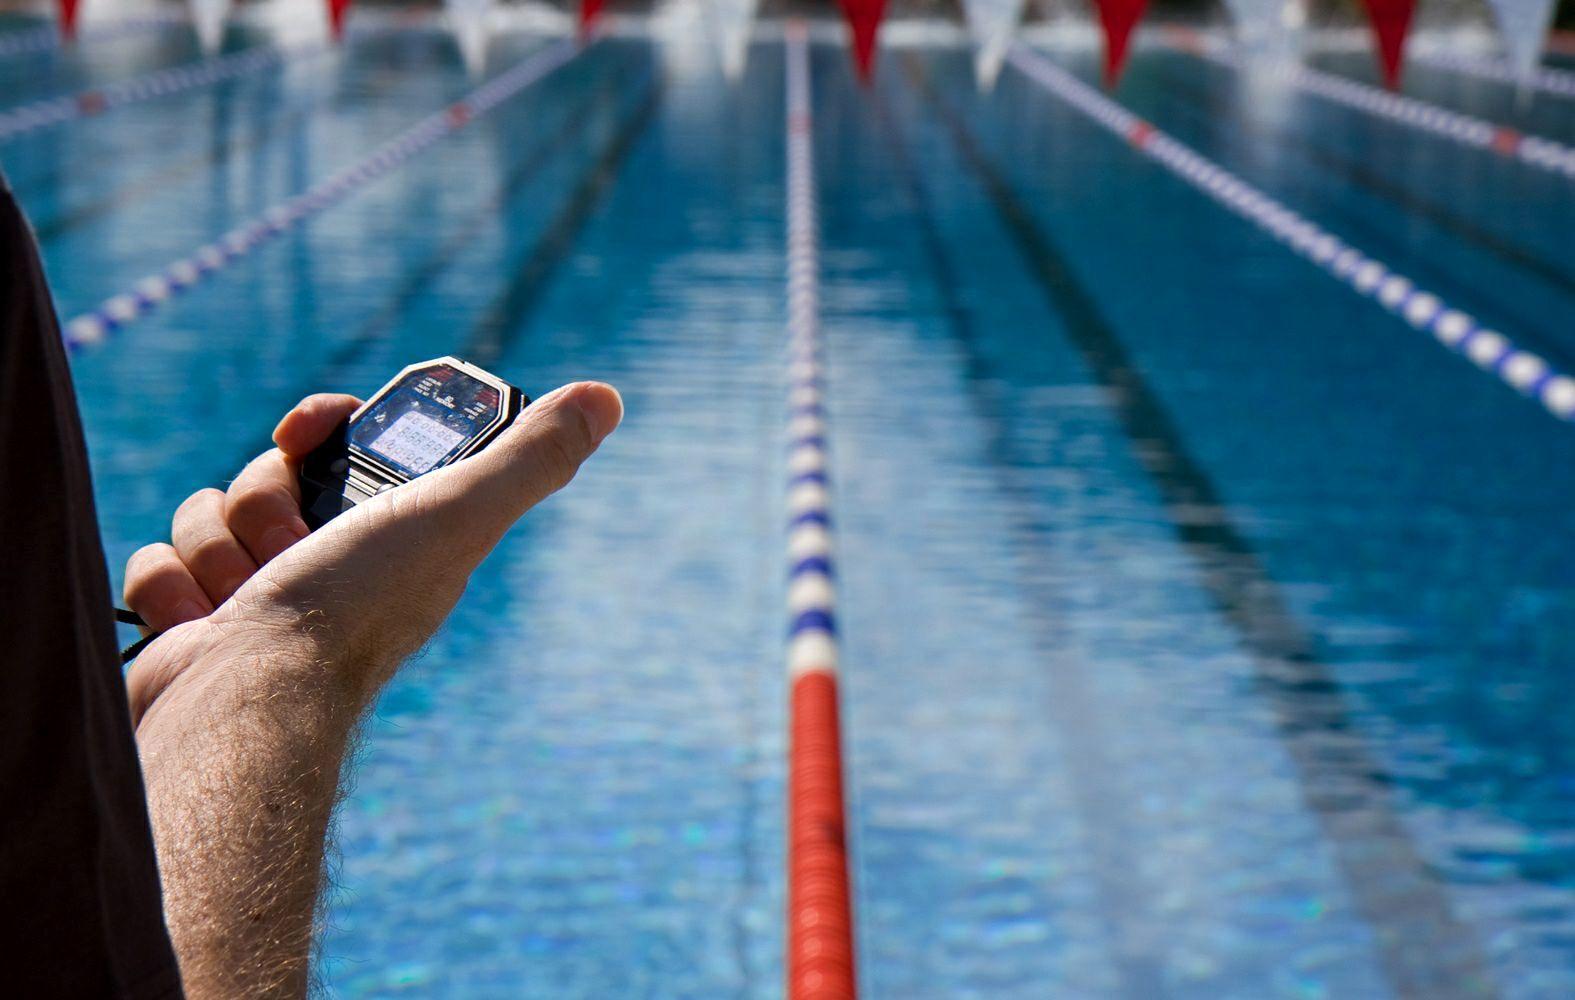 ساعت 10///شنا کردن بر لاغری تاثیر دارد/برای مقابله با خونریزی باید چه کرد/اطلاعاتی درباره فواید بهترین سبزی/صحبت کردن در خواب چه تاثیراتی بر بدن دارد/